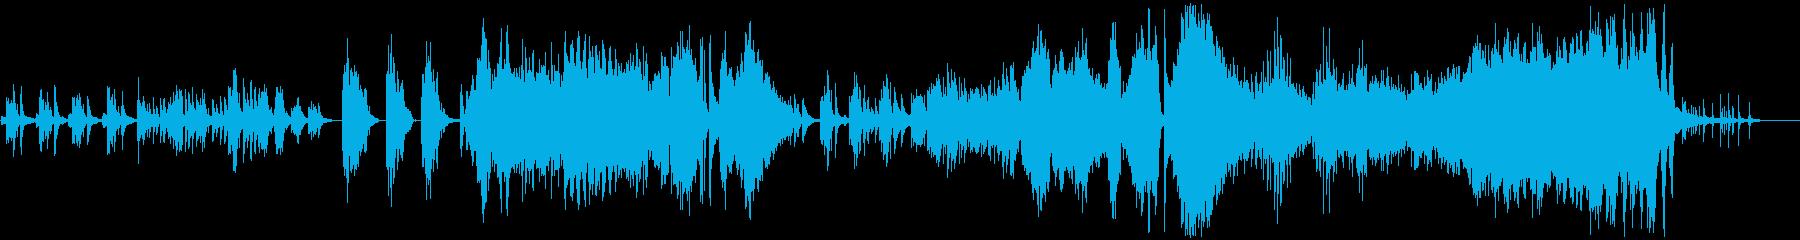 ソロピアノ。エリック・サティがキー...の再生済みの波形